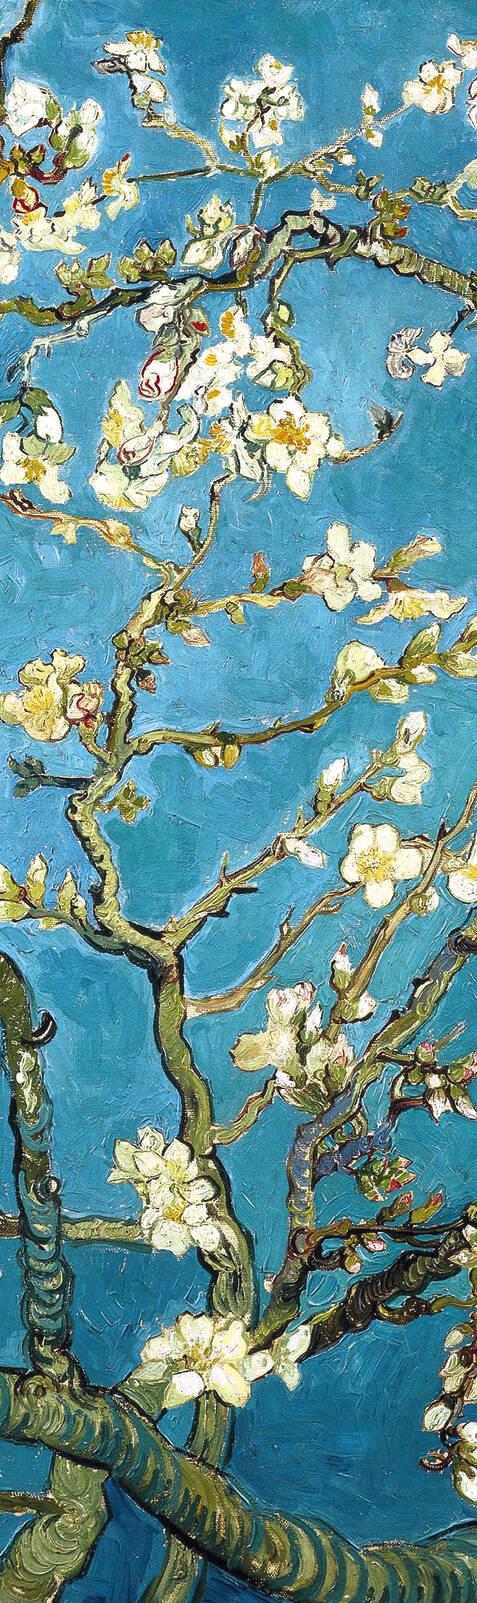 Закладка с резинкой. Ван Гог. Цветущие ветки миндаля (Арте) закладка с резинкой ван гог цветущие ветки миндаля арте